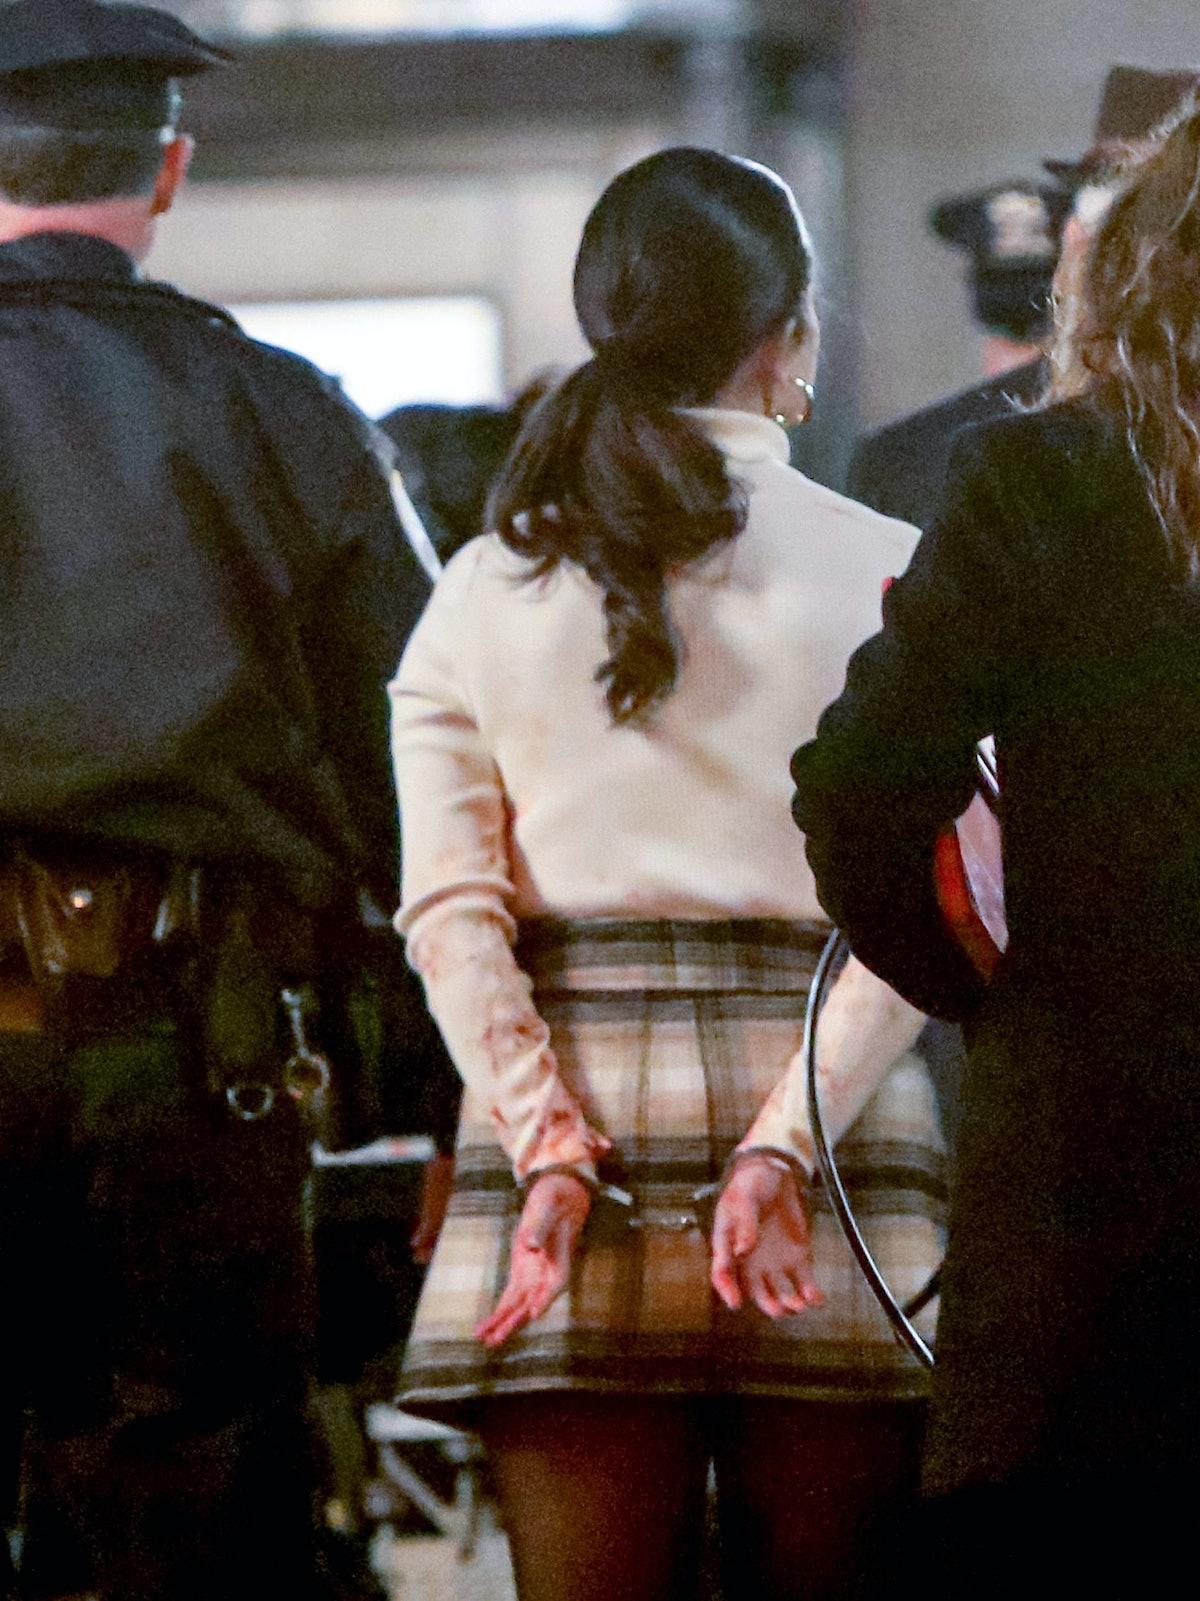 Selena Gomez in handcuffs